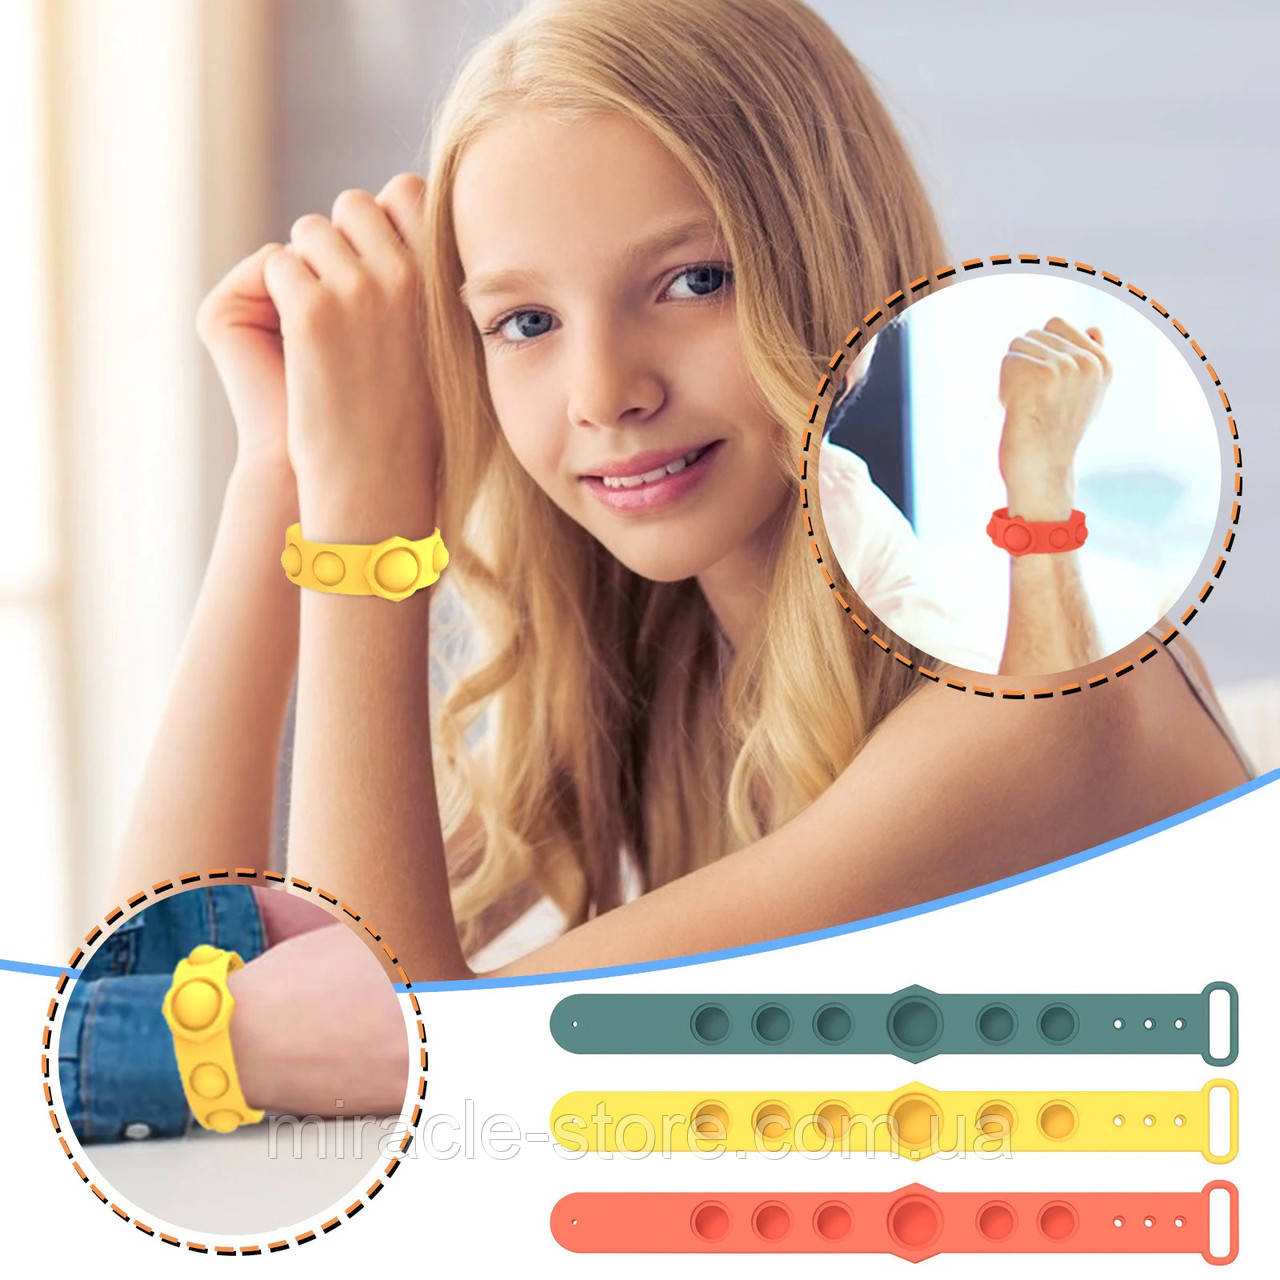 Игрушка Pop it ПопИт антистресс 3*17см браслет одноцветный сенсорная игрушка Simple Dimple симпл димпл